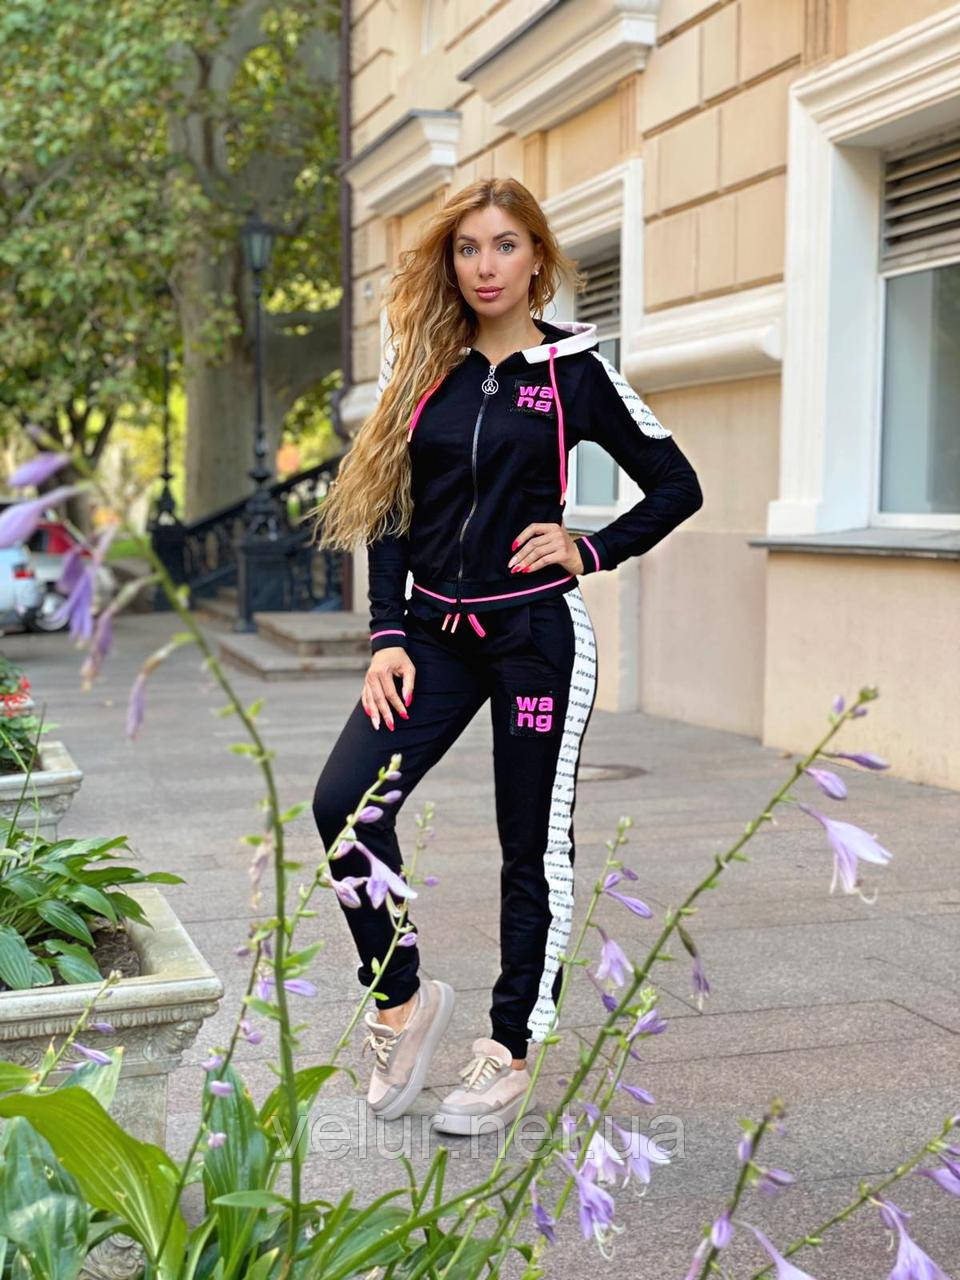 Жіночий спортивний трикотажний костюм, (Туреччина, Бренд); Розміри:З,М,Л,ХЛ (повномірні,) колір на фото.